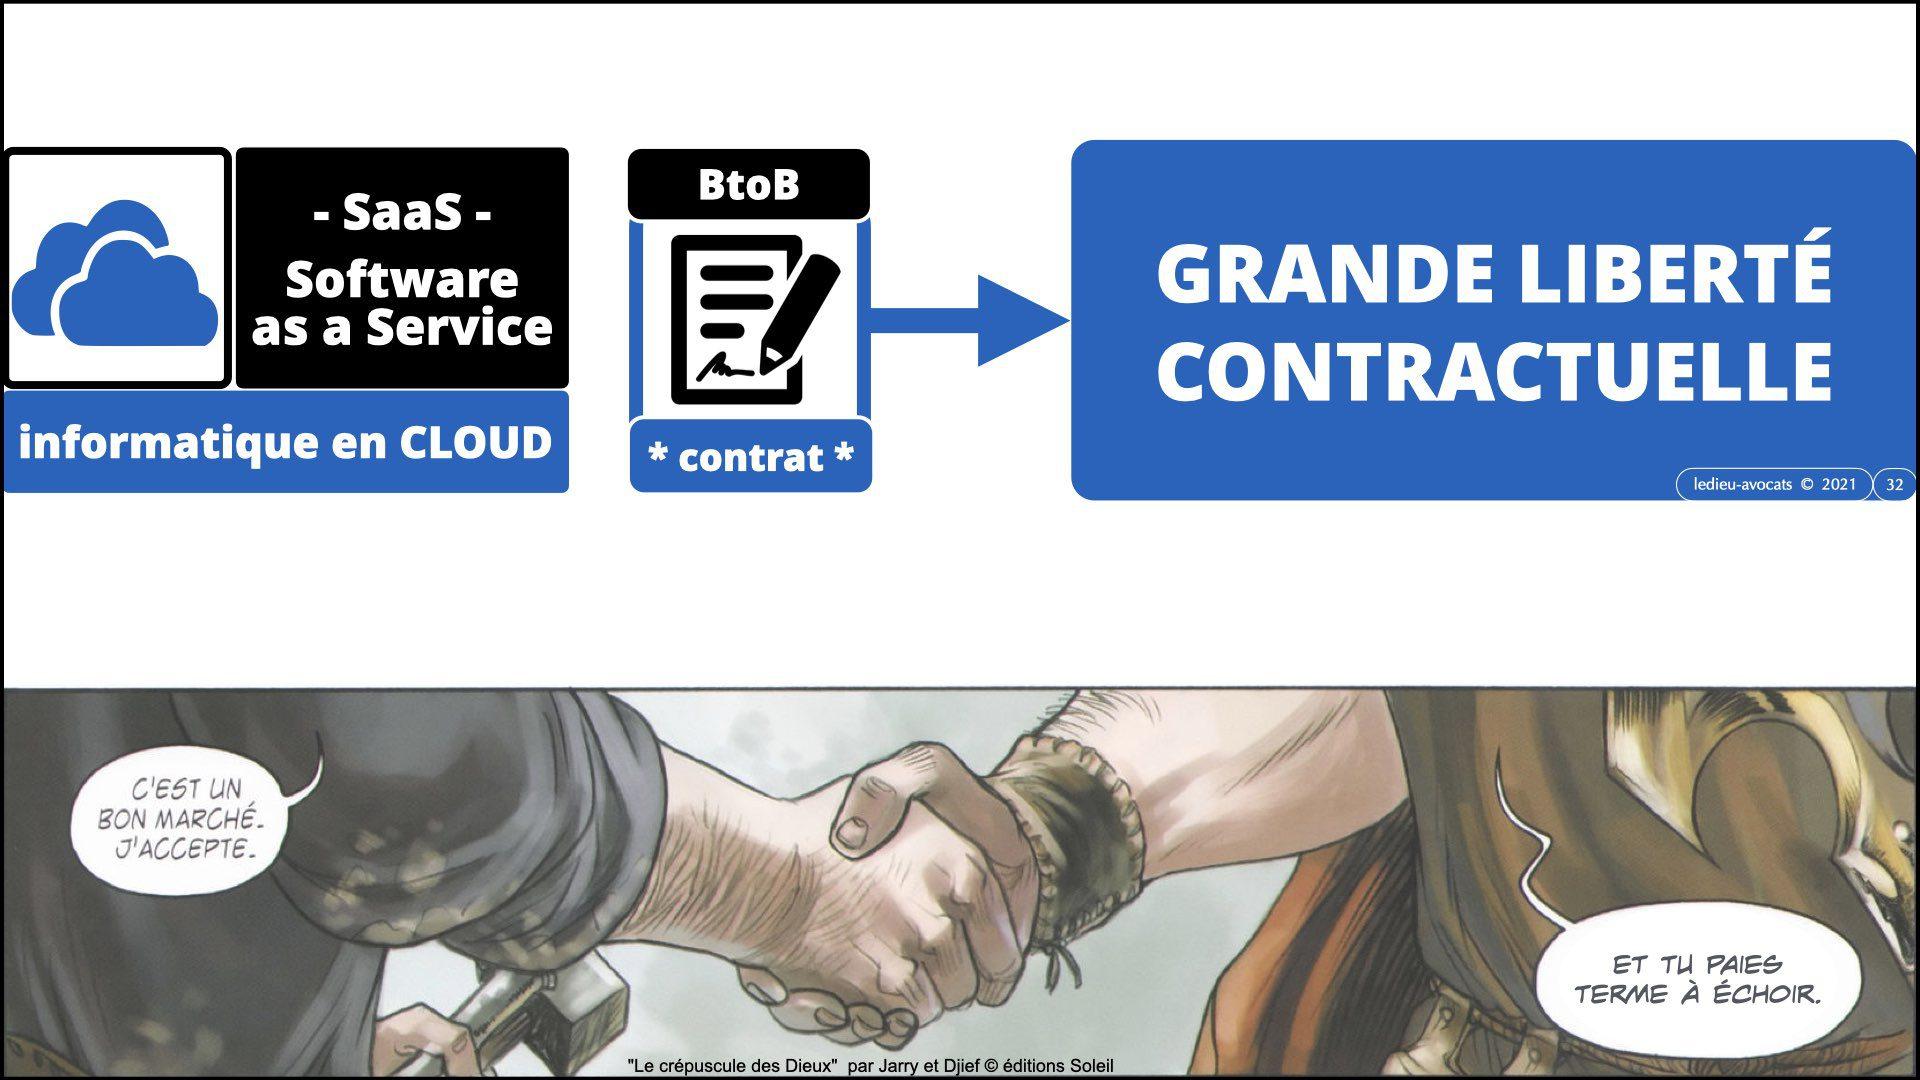 service logiciel SaaS 2021 : liberté contractuelle